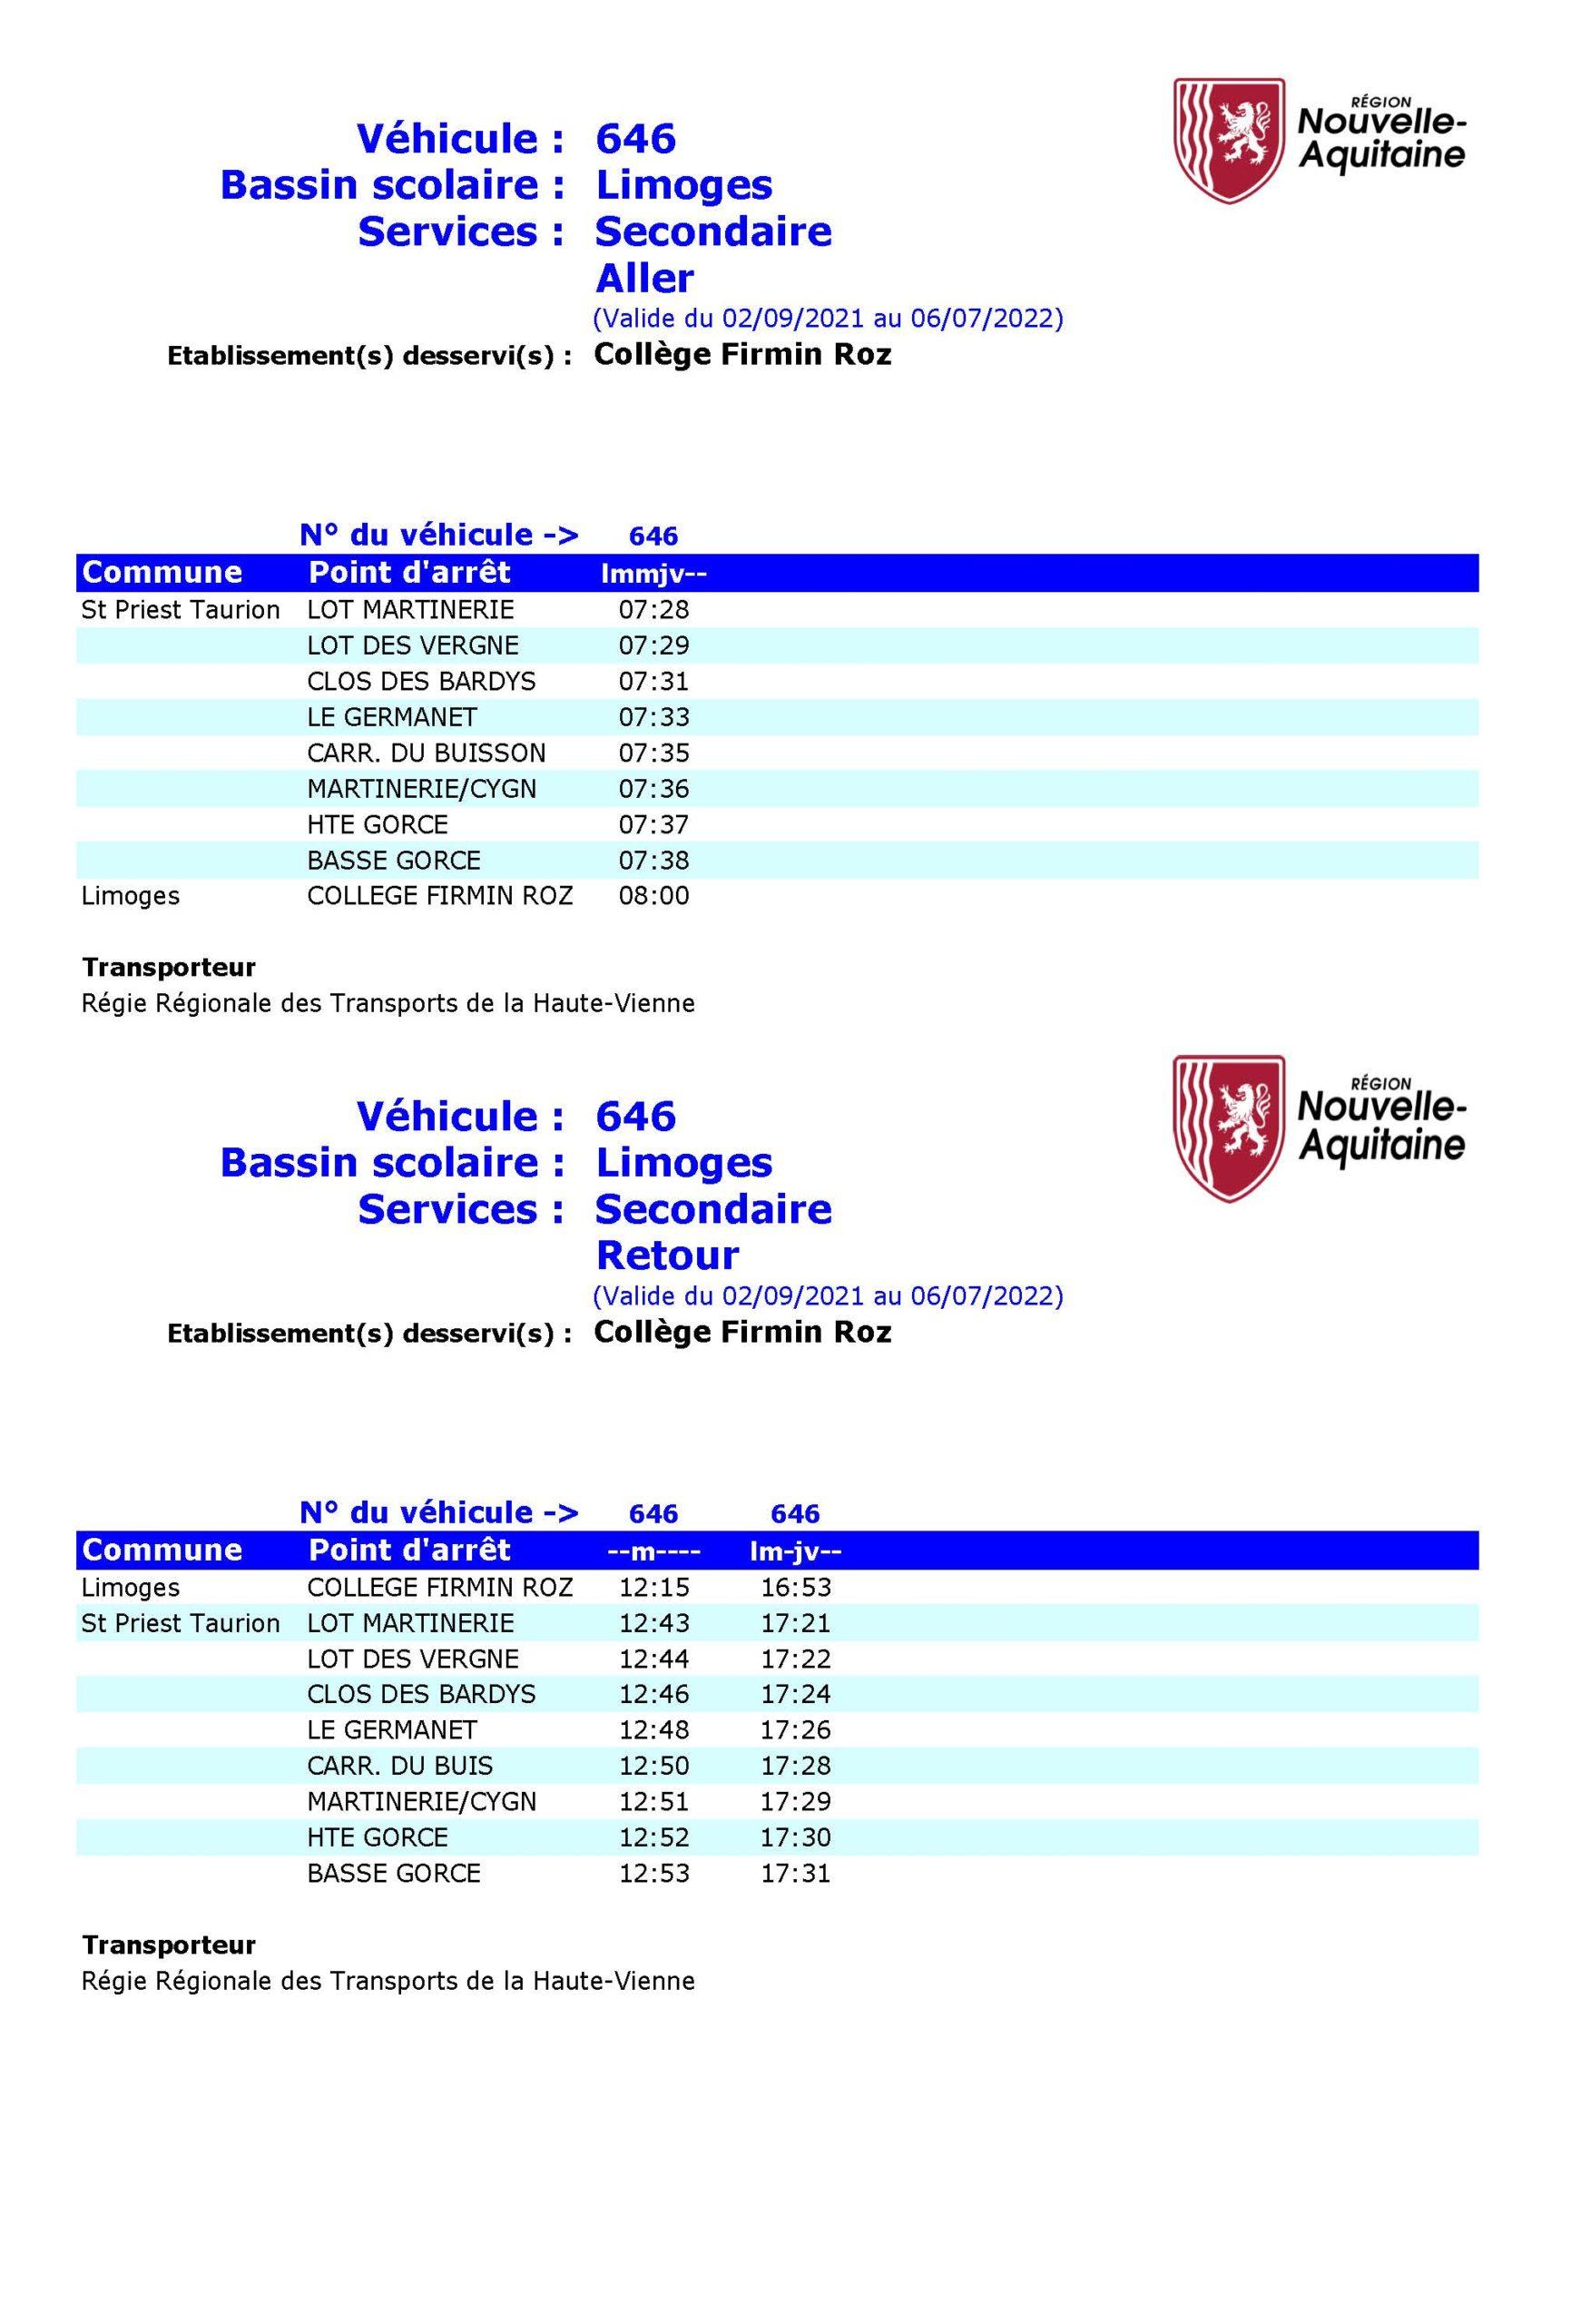 10_Bassin_de_Limoges_Secondaires_Page_3